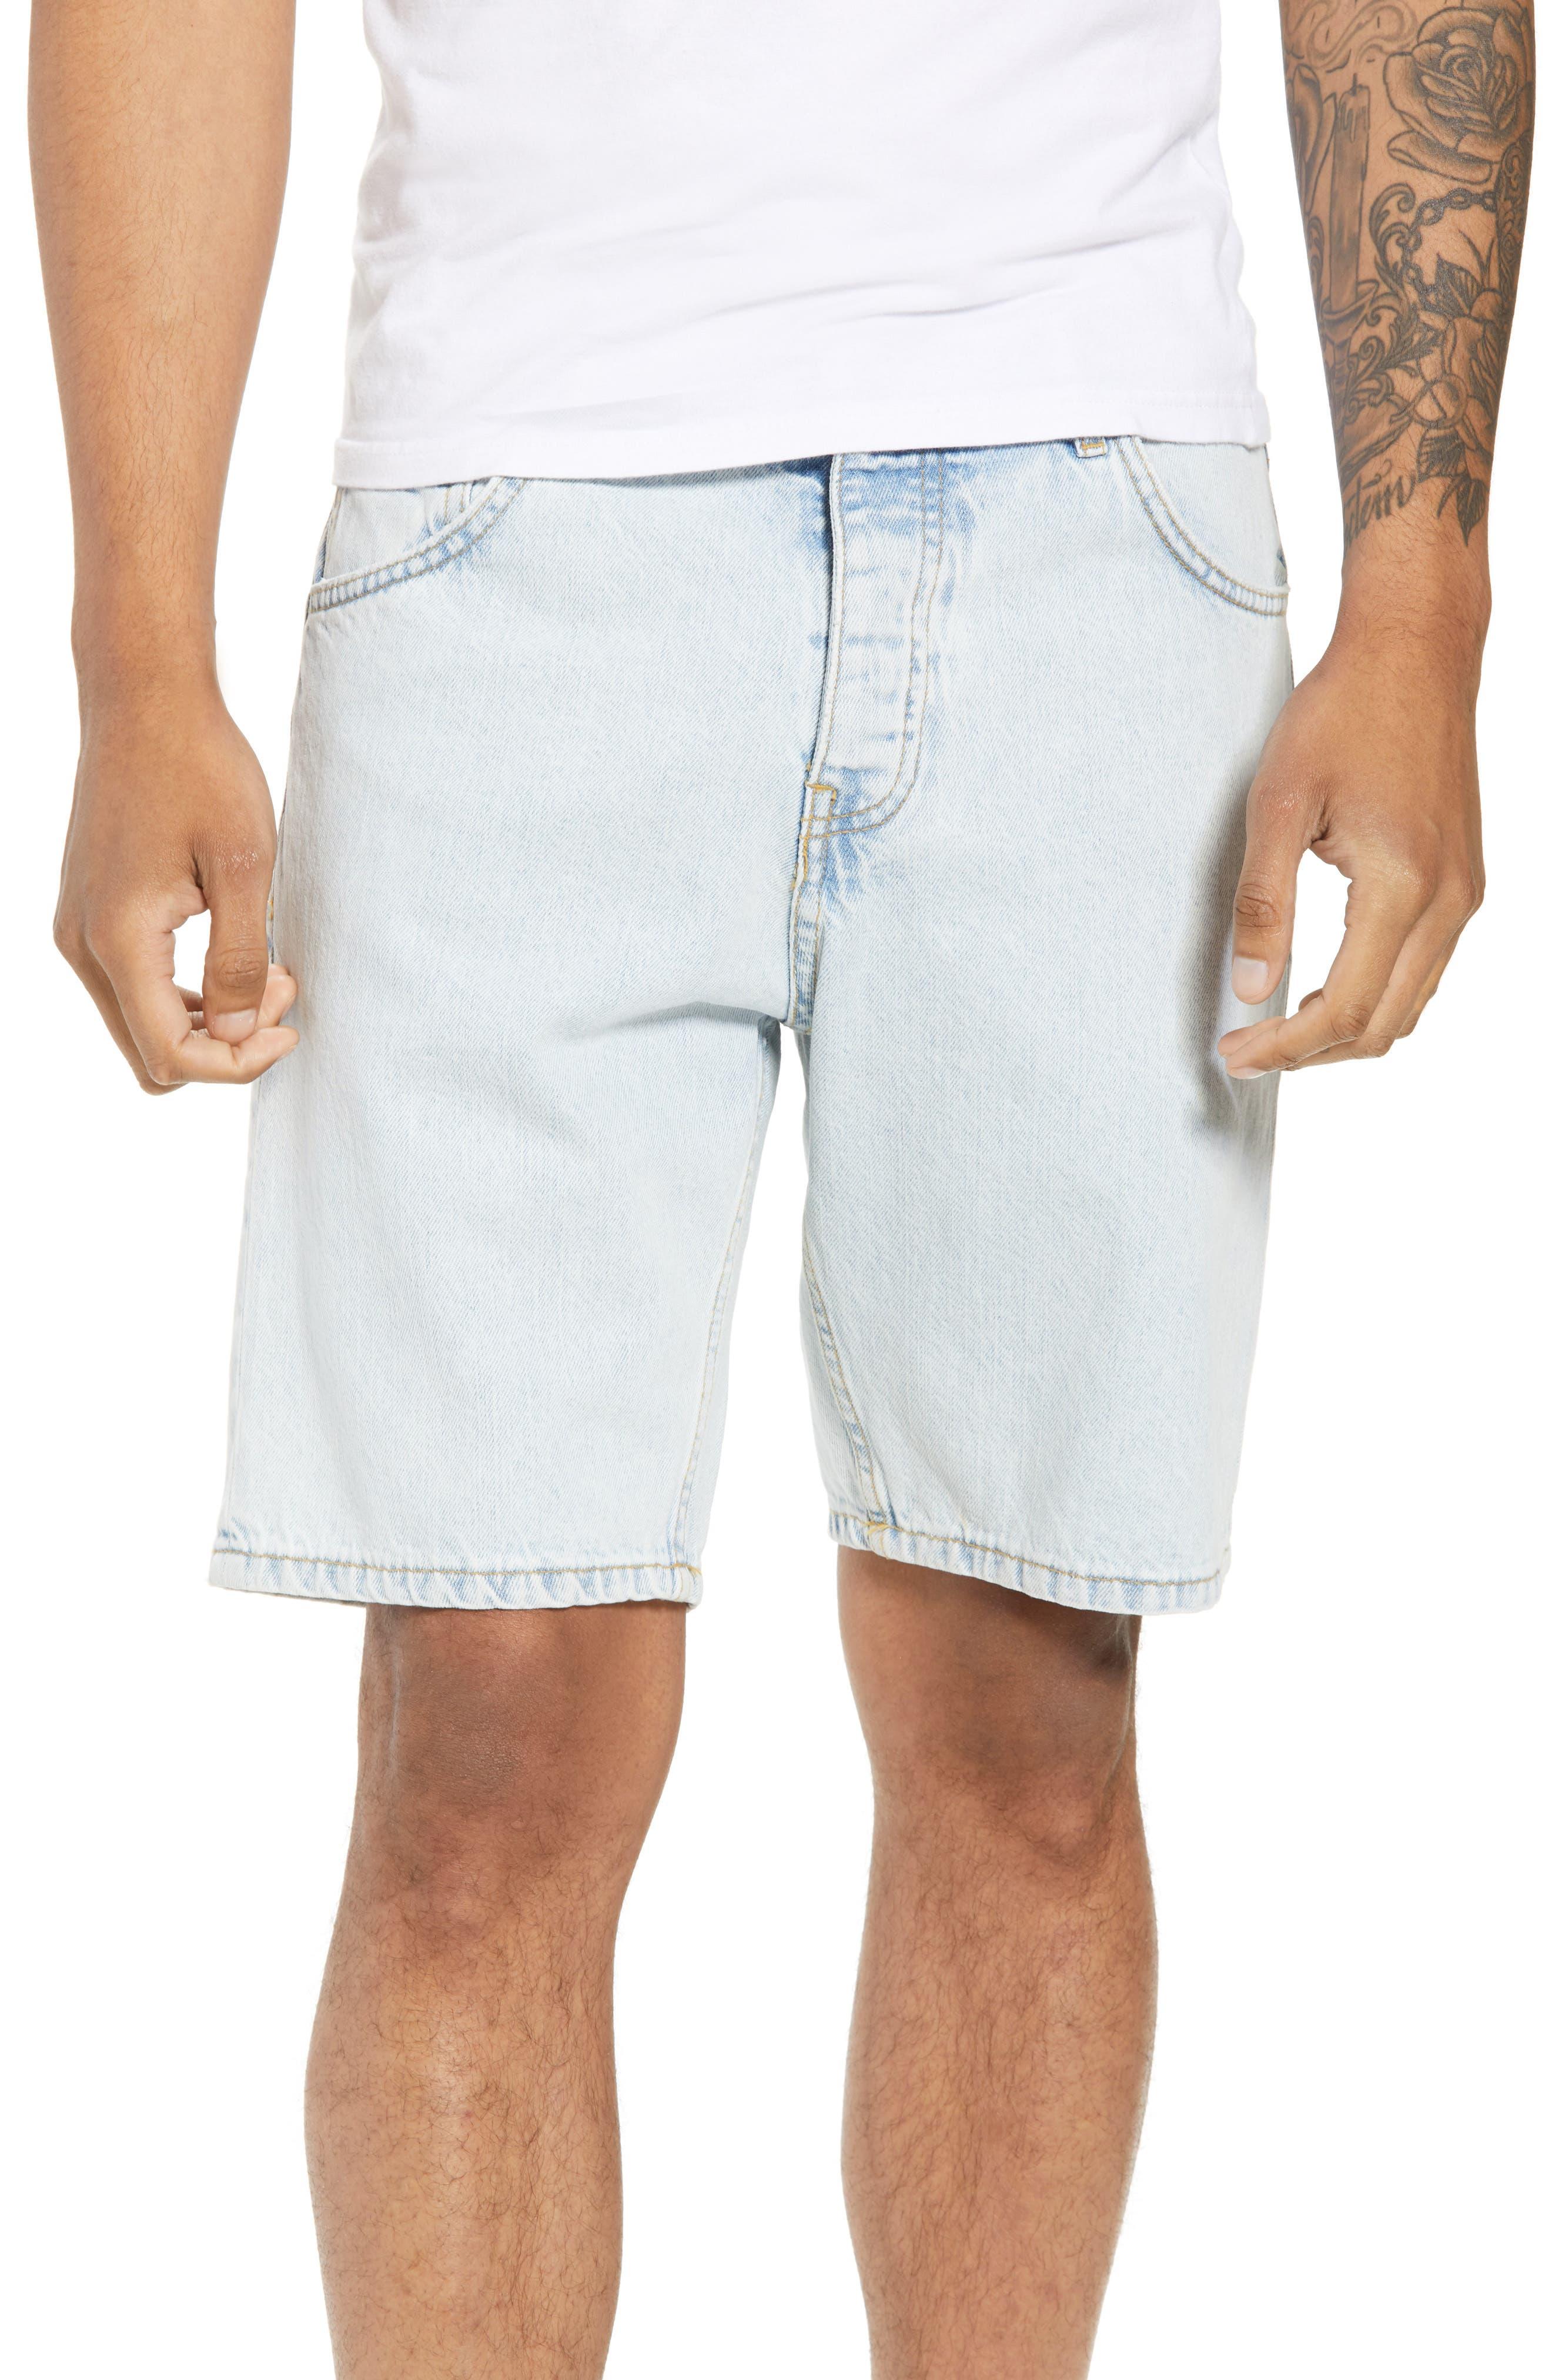 Dr. Denim Jeansmaker Bay Denim Shorts,                         Main,                         color, 410